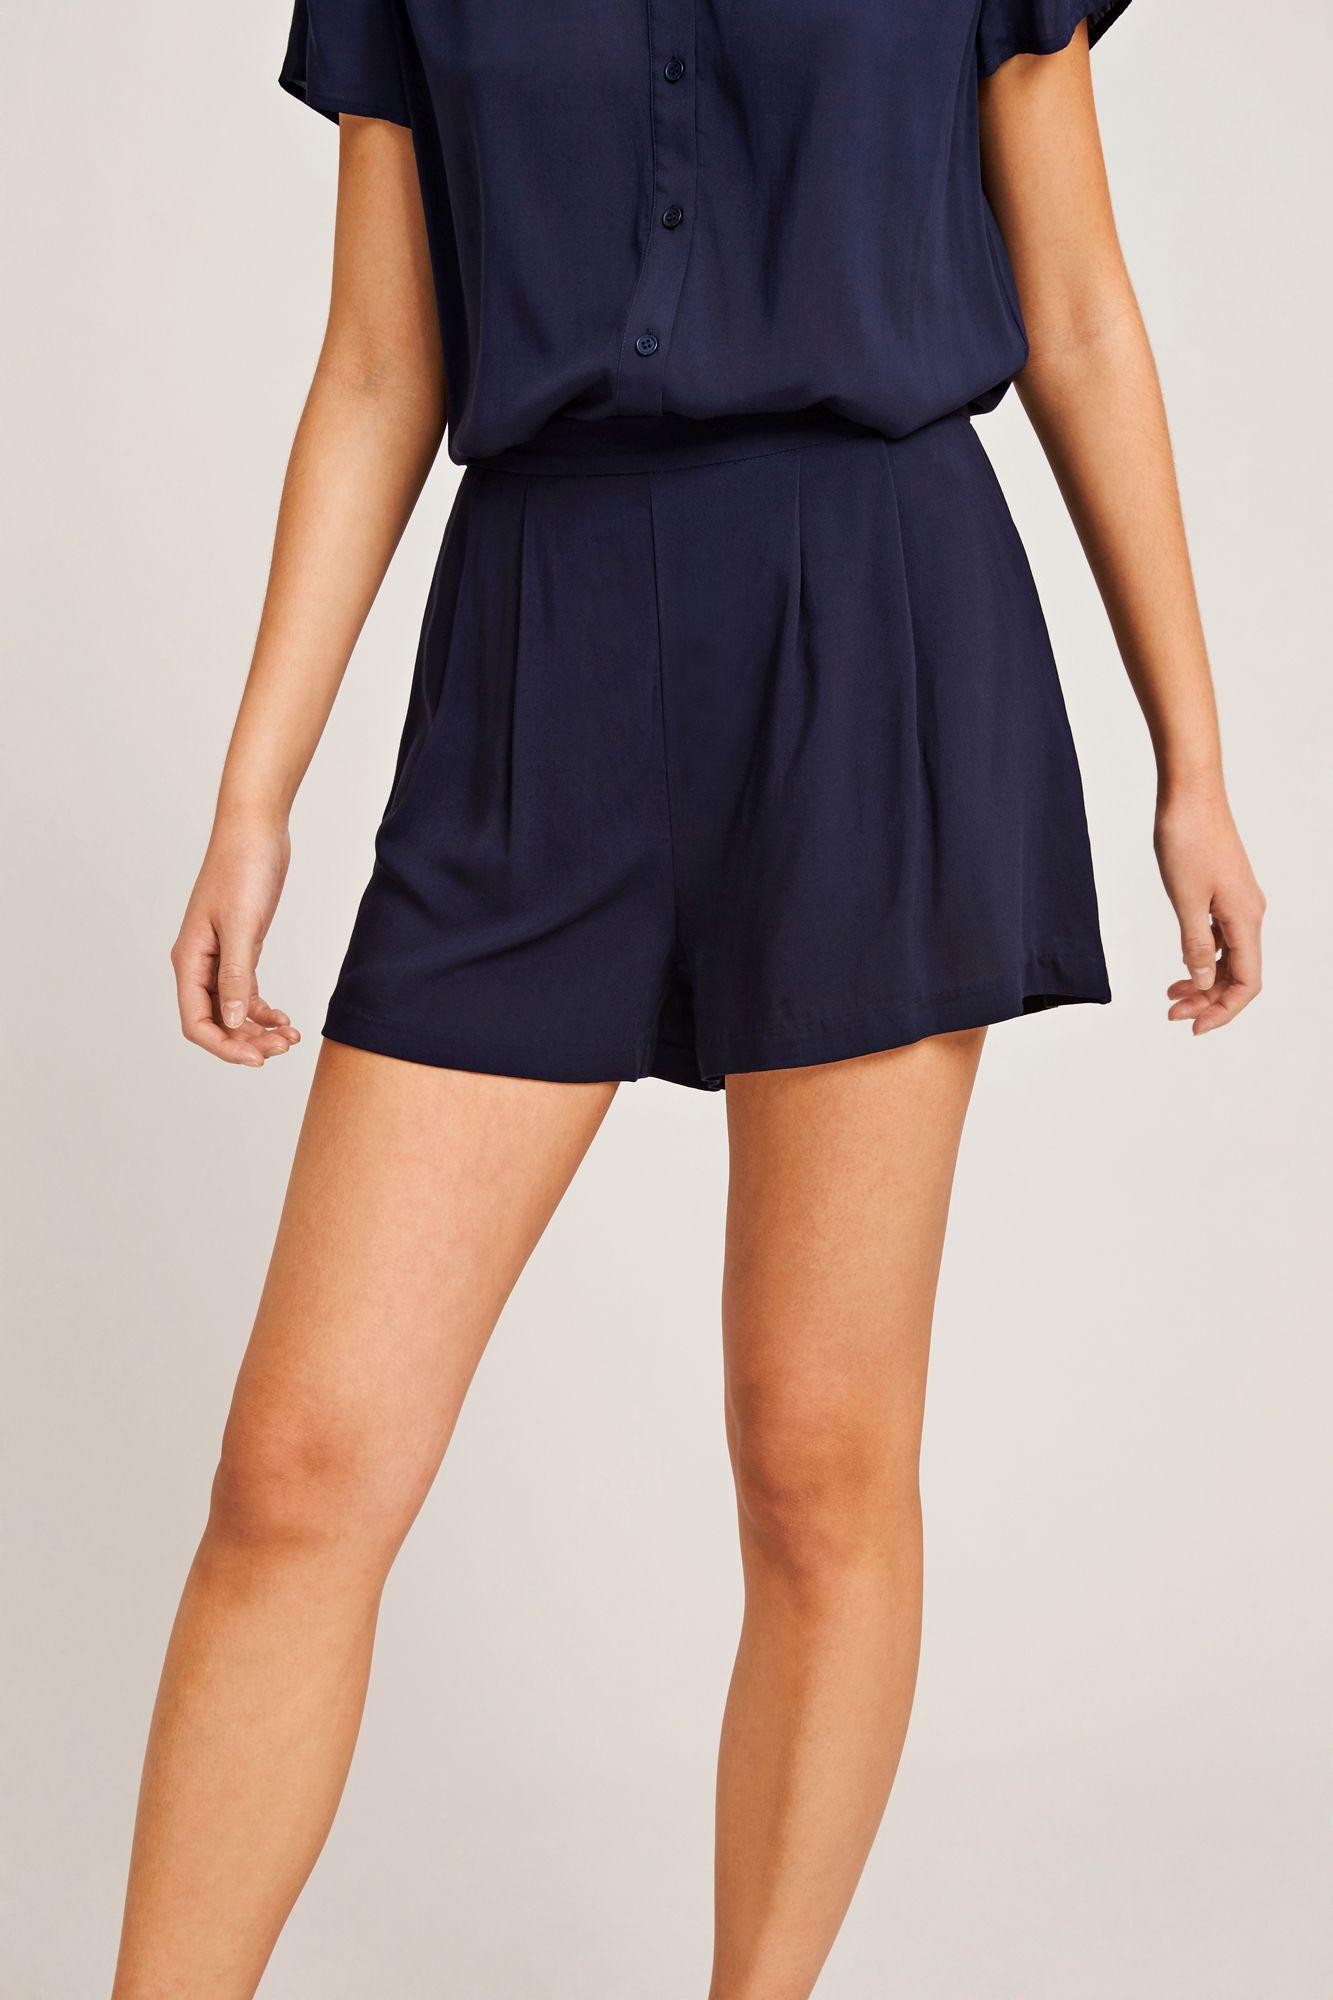 Ganda shorts 9943